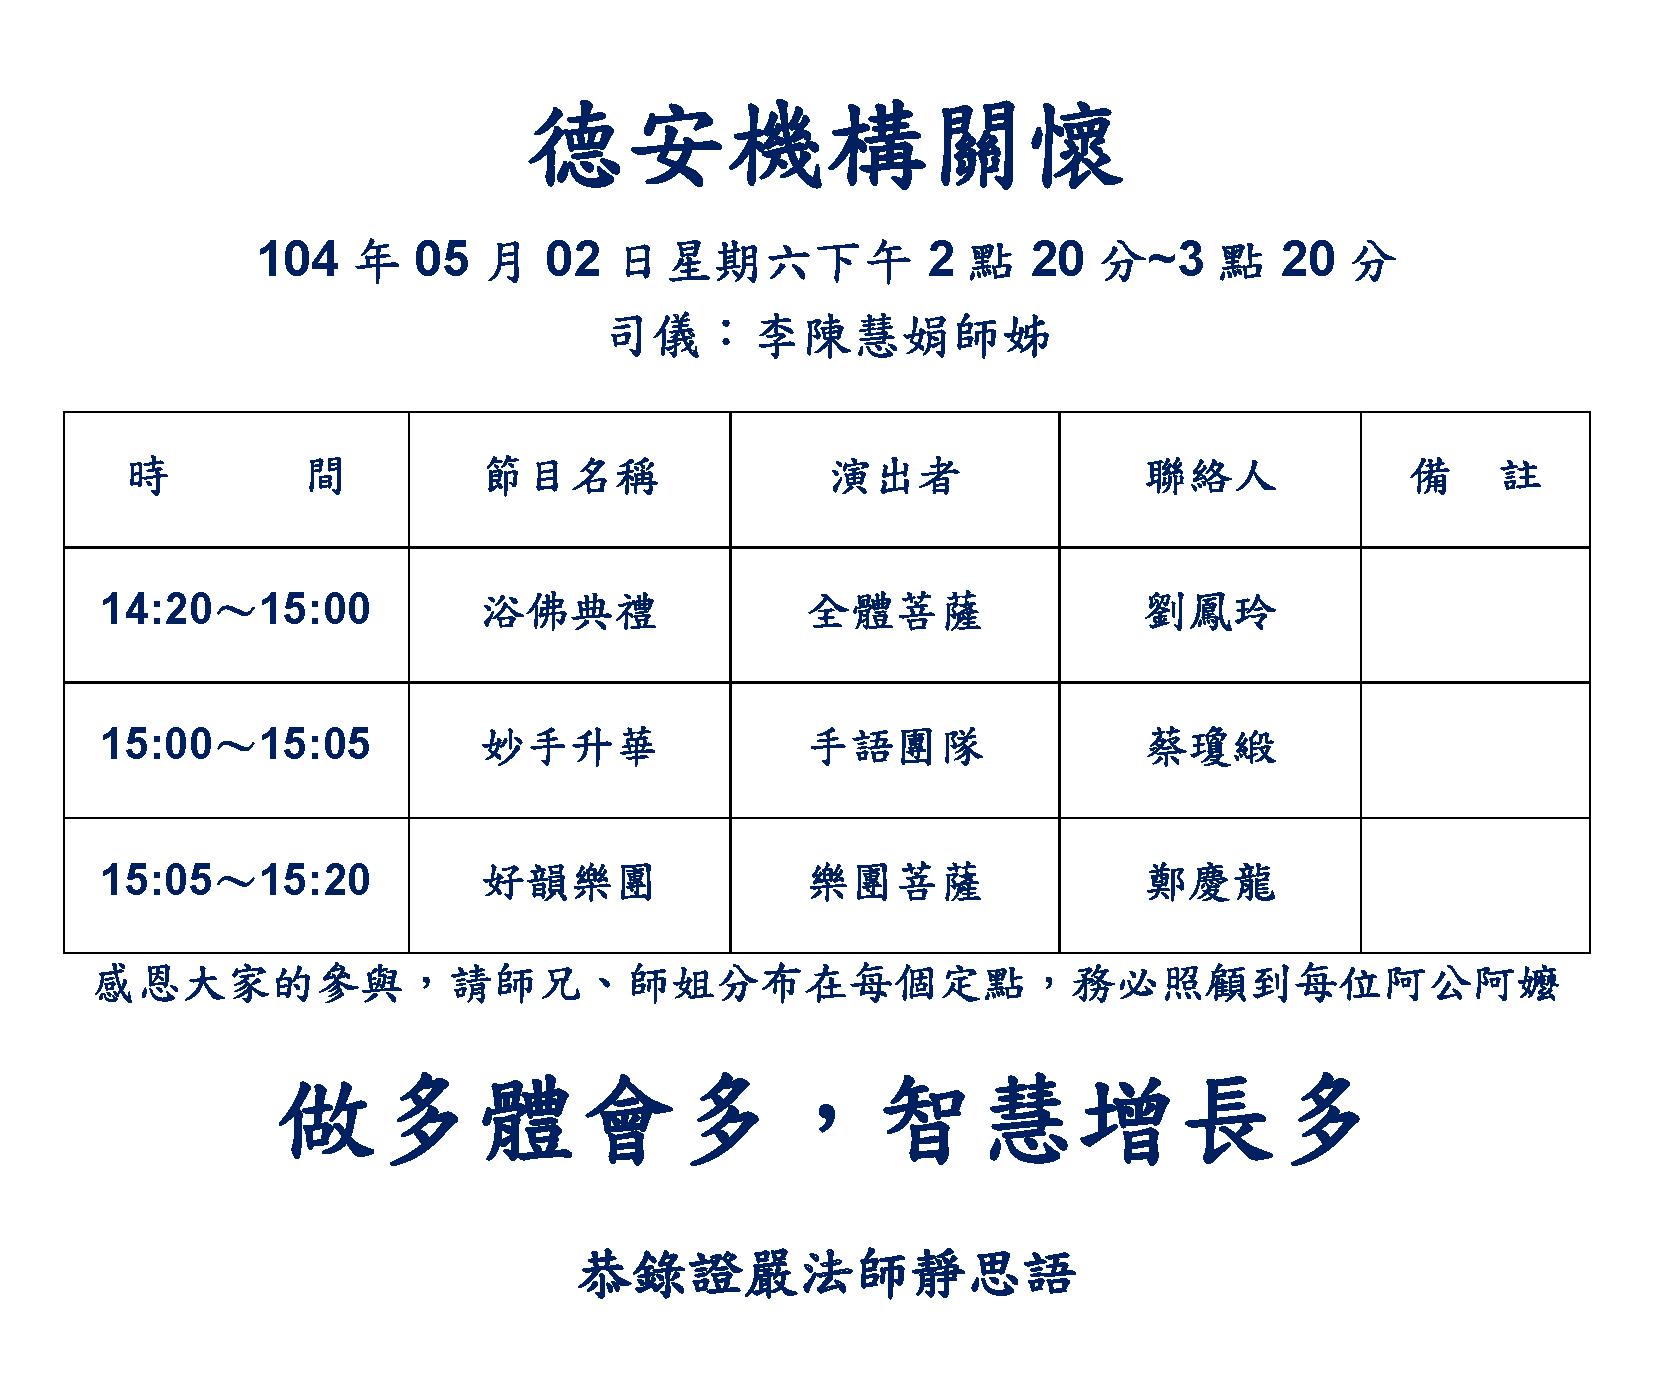 20150502-機構關懷_頁面_1.png